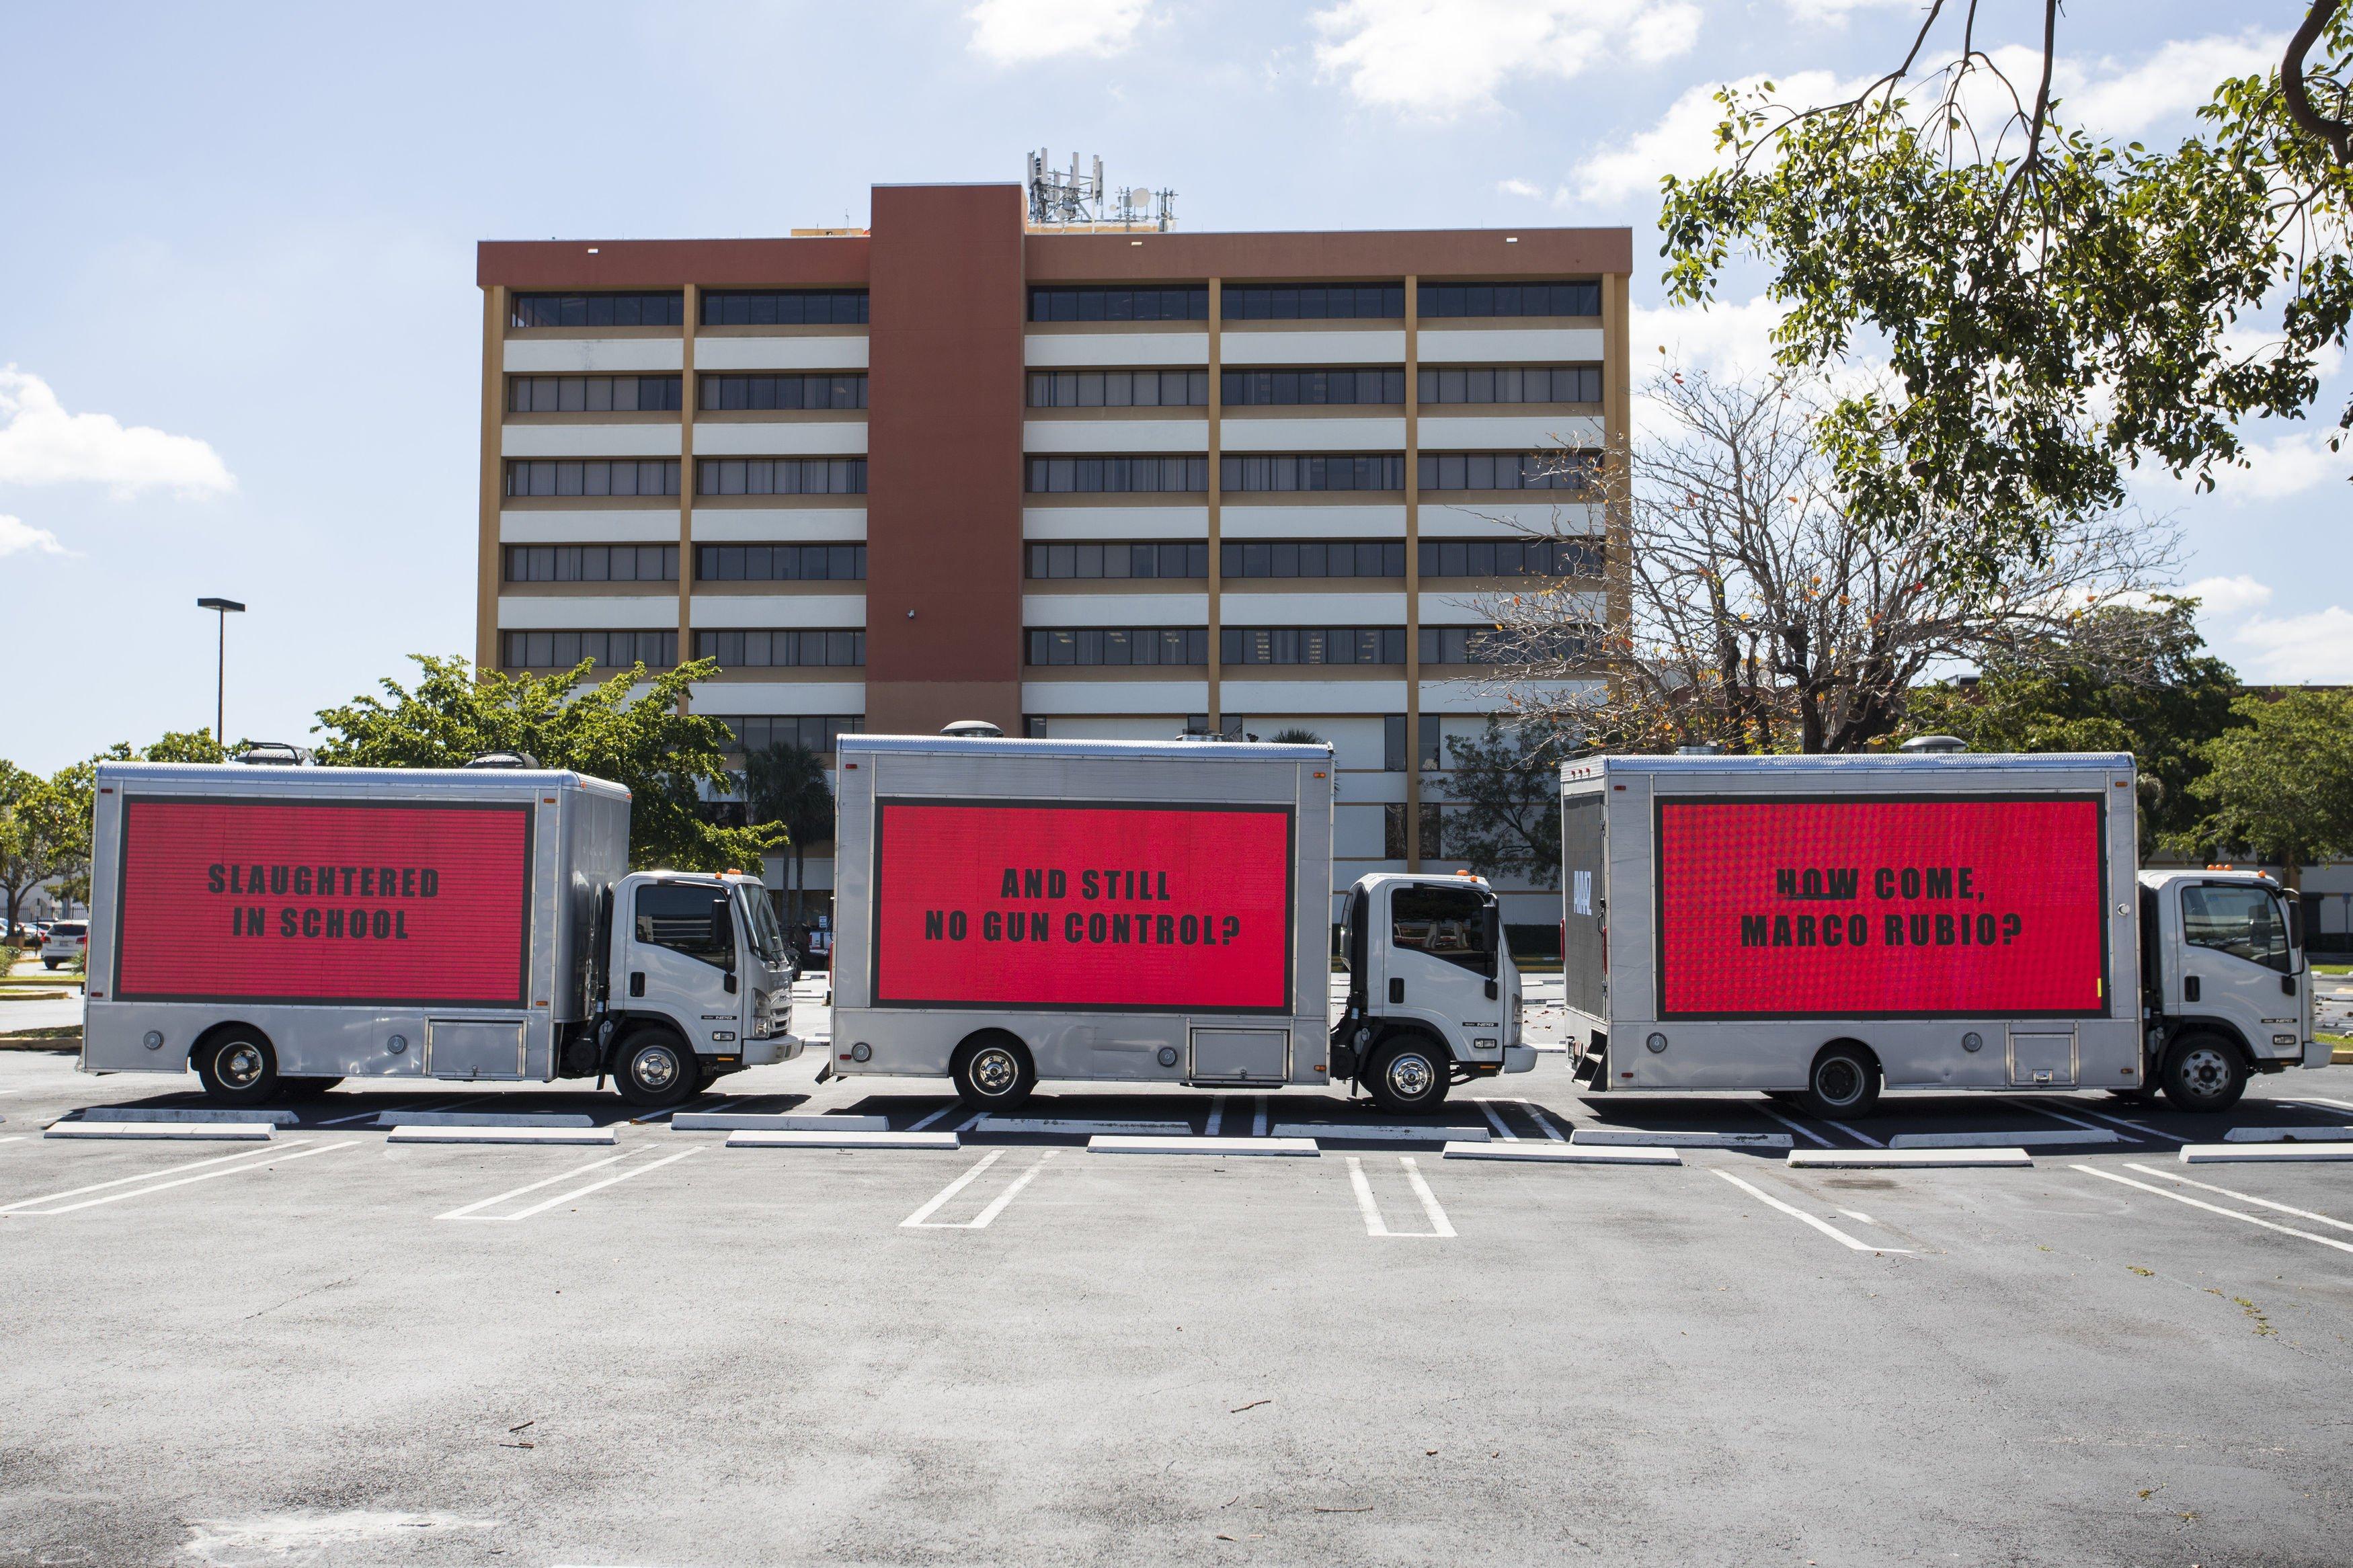 Tres camiones con avisos luminosos en Miami, Florida, EE.UU.